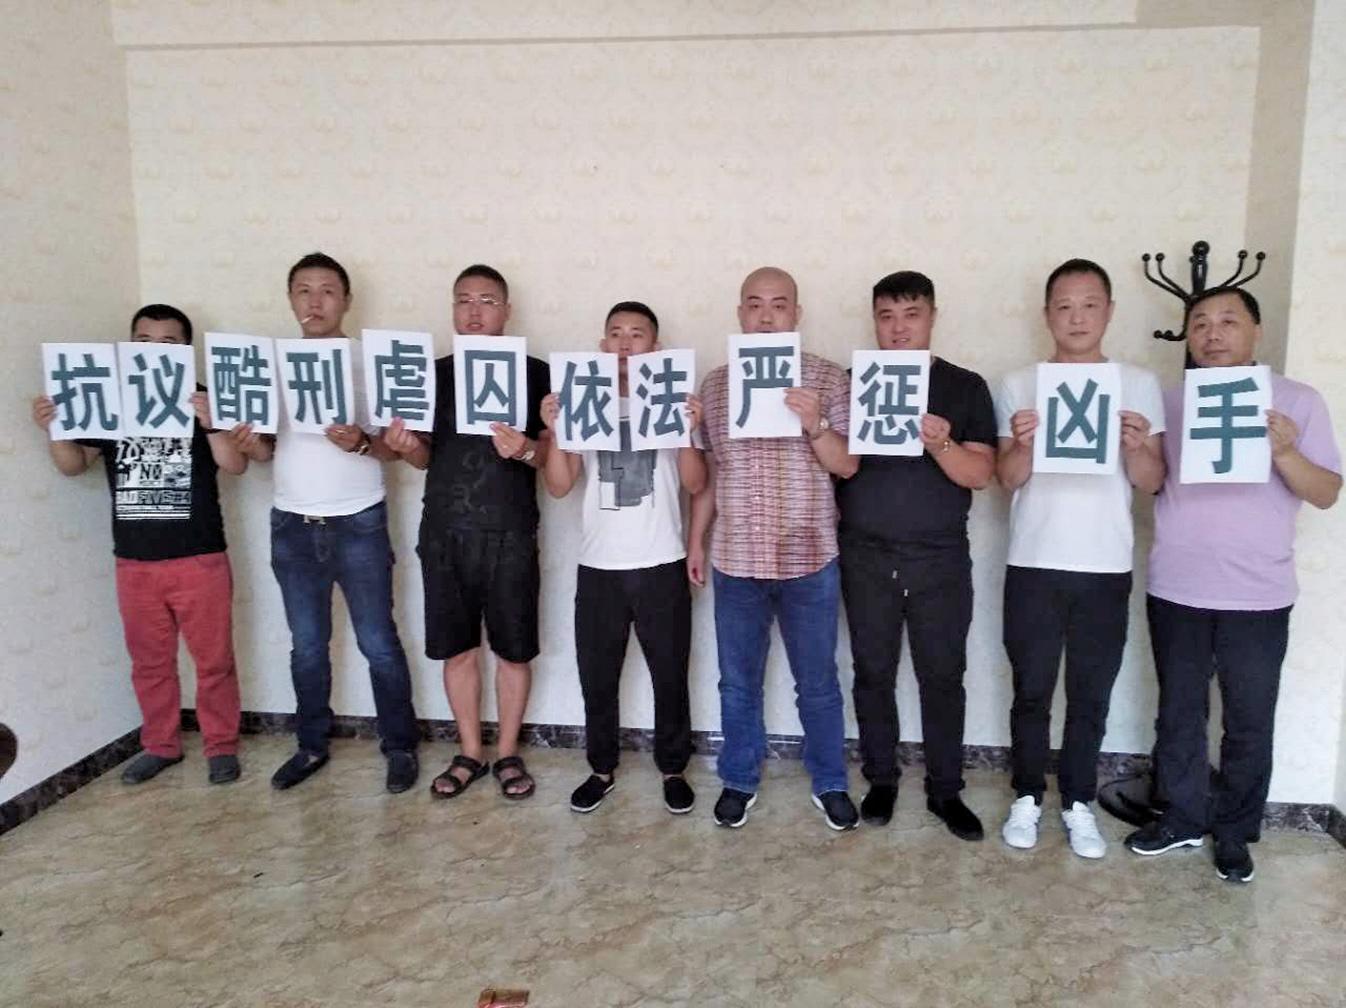 遼寧鐵嶺市12名刑滿釋放人員聯名舉報關山子監獄獄警索賄、受賄,酷刑虐囚等事實。(受訪者提供)